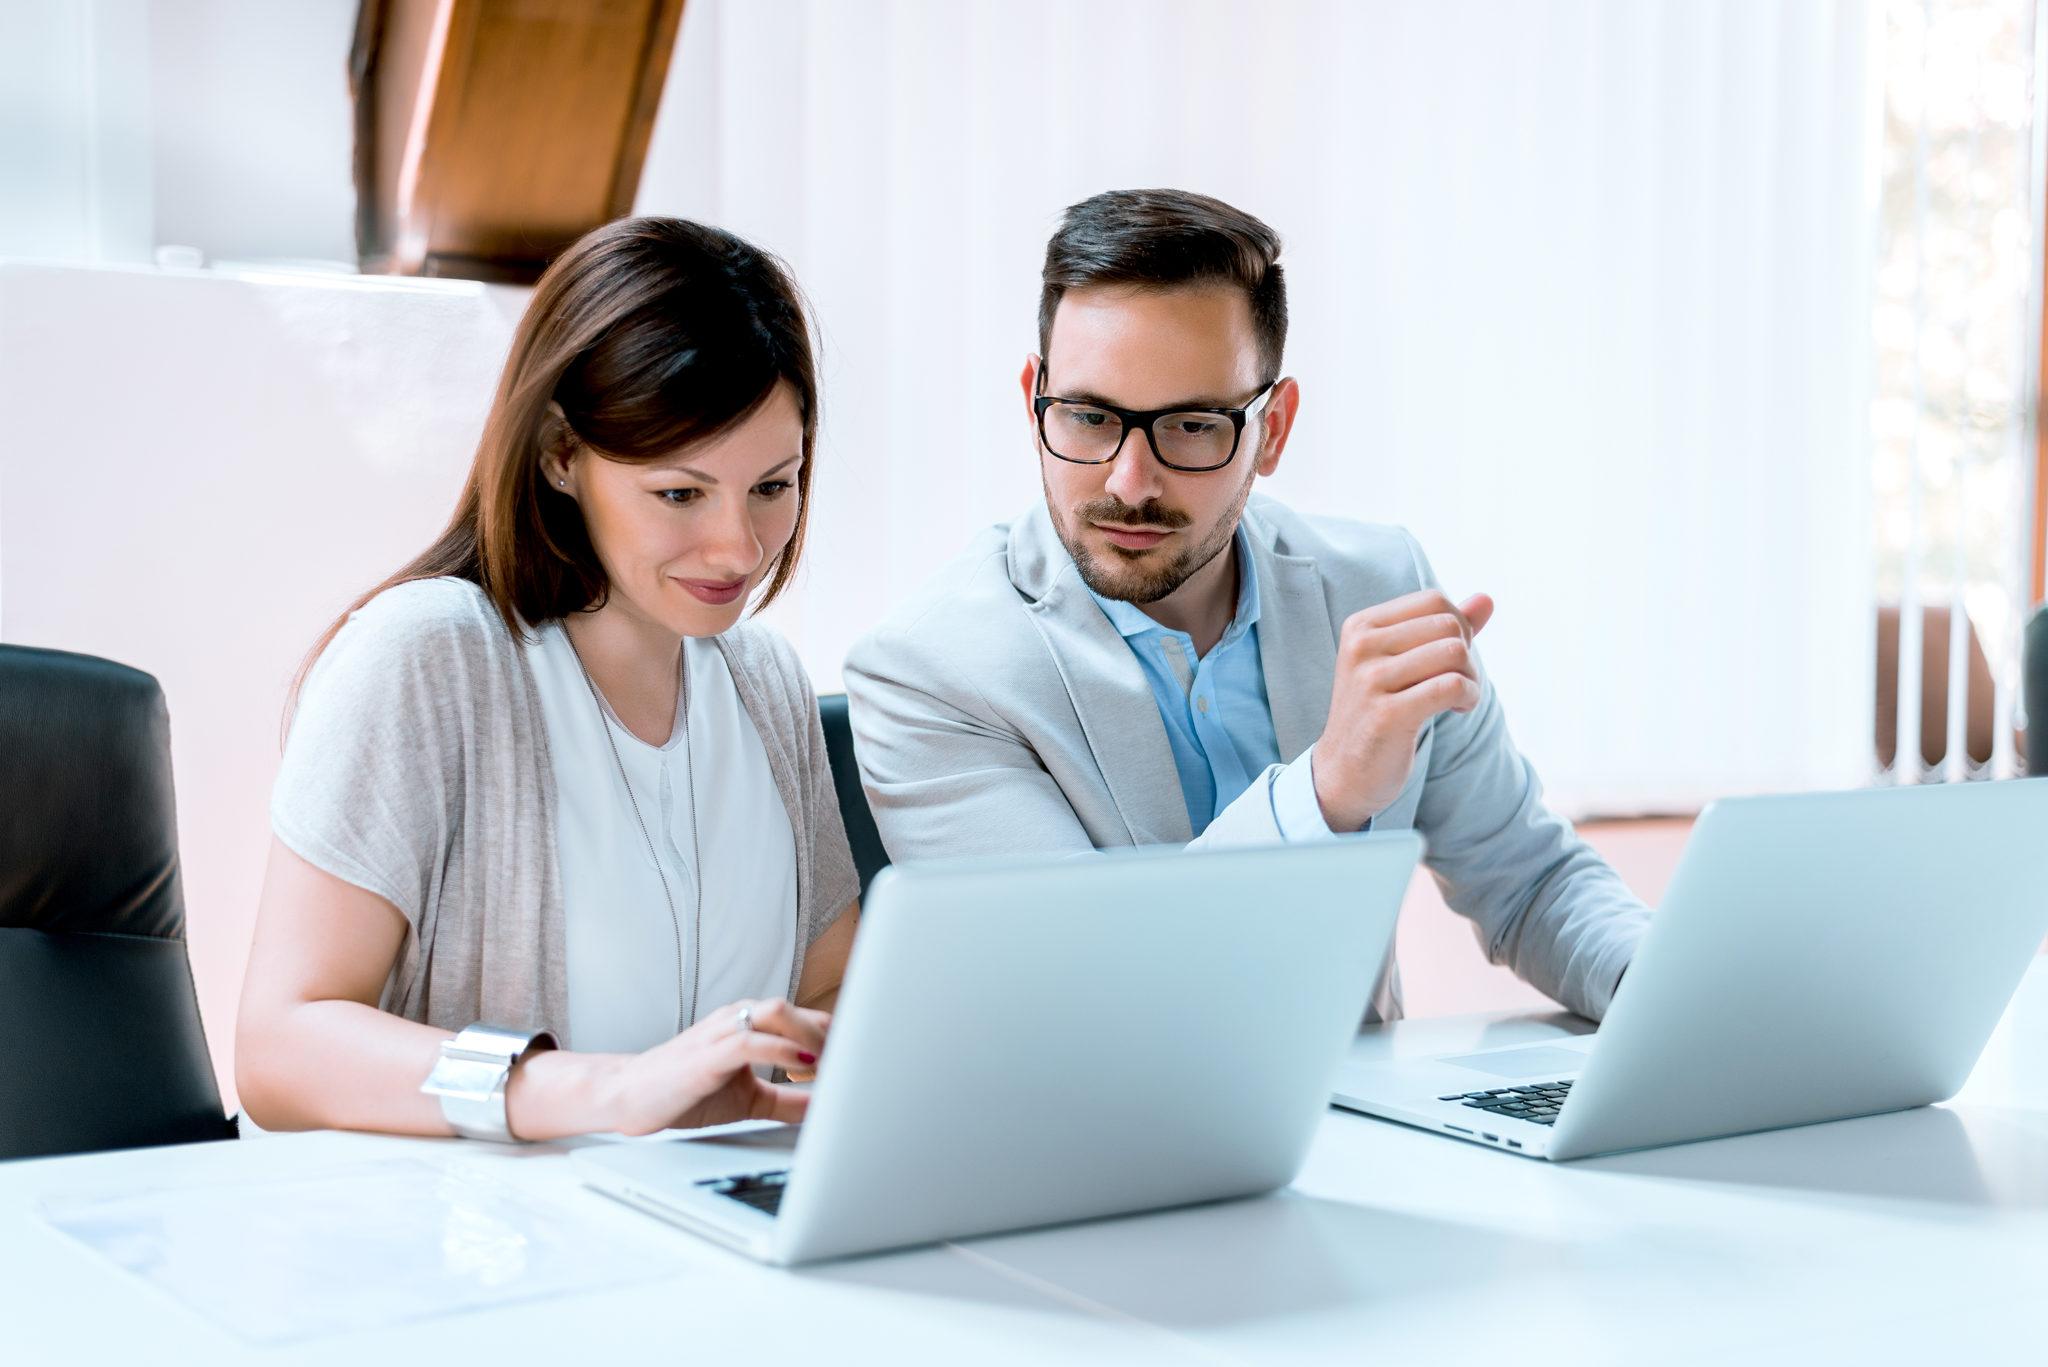 Descubre cómo escribir una CARTA de PRESENTACIÓN de PROFESOR. Indispensable para ser llamado para una entrevista. Encuentra empleo de profesor.